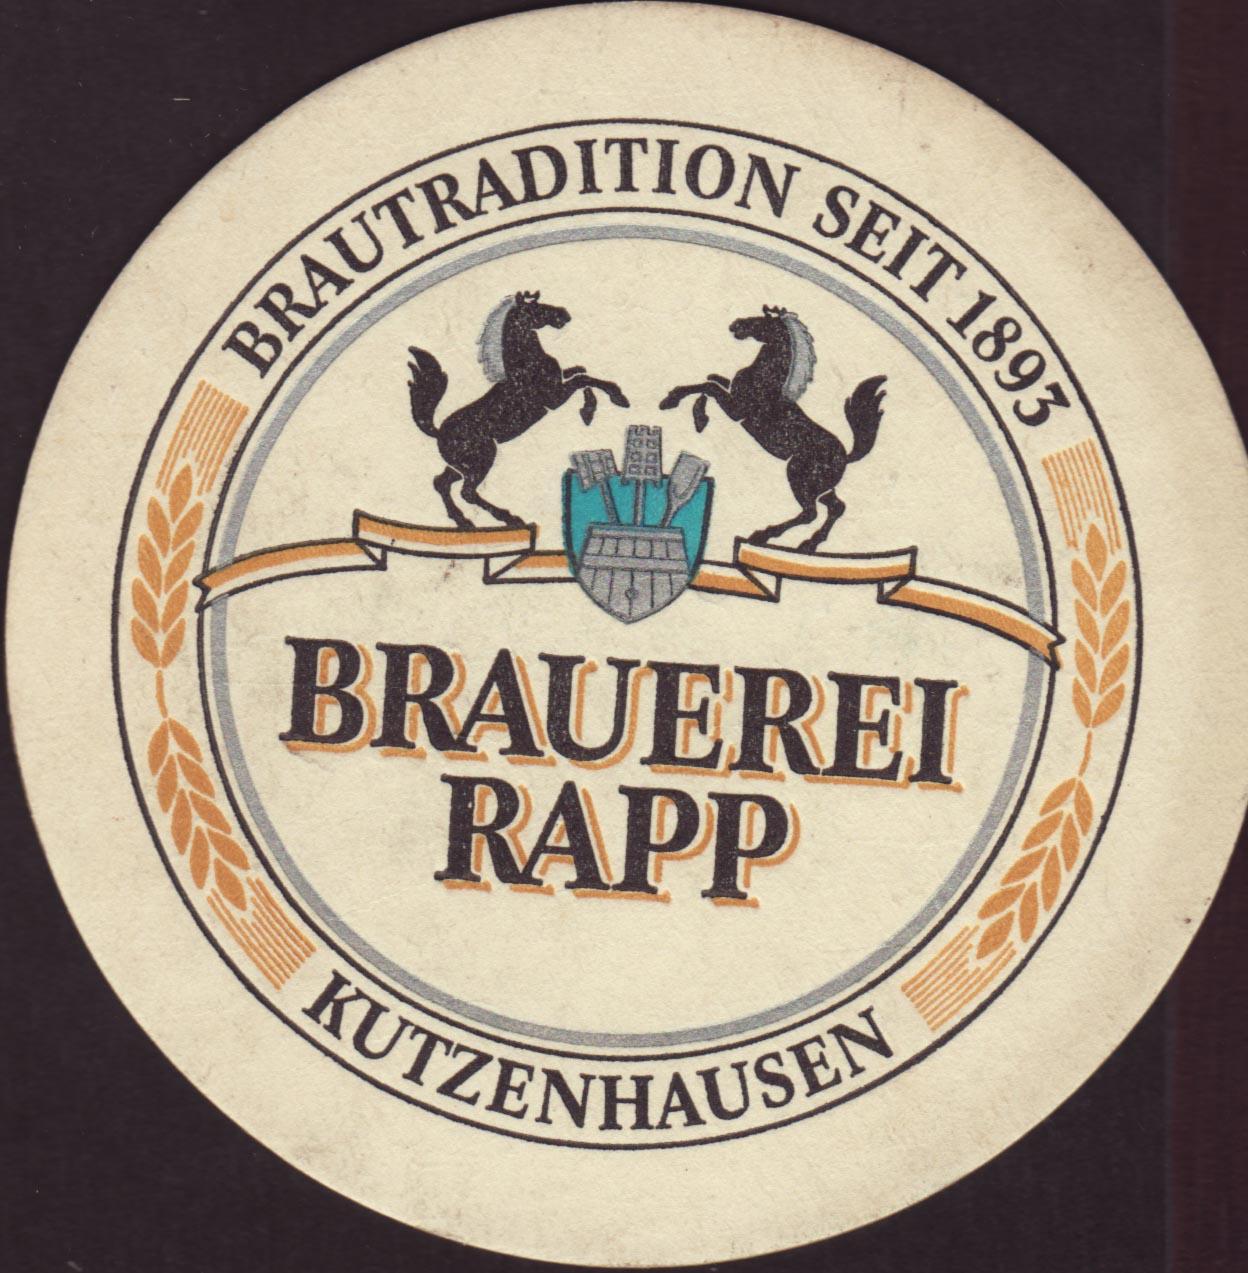 brauerei rapp kutzenhausen